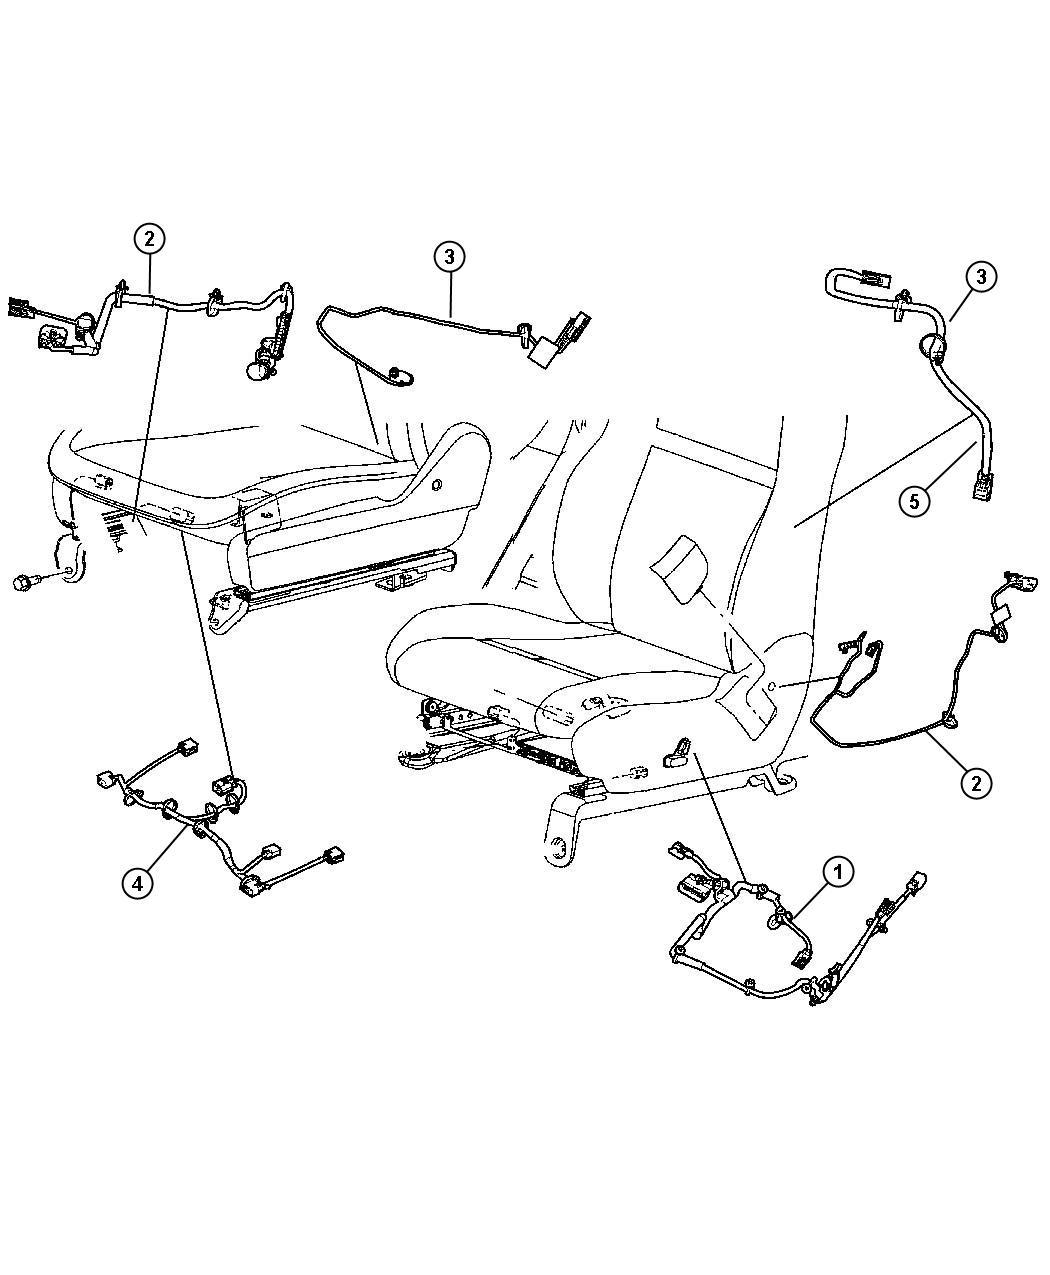 2010 Chrysler Sebring Wiring. Seat. 6 way power, track